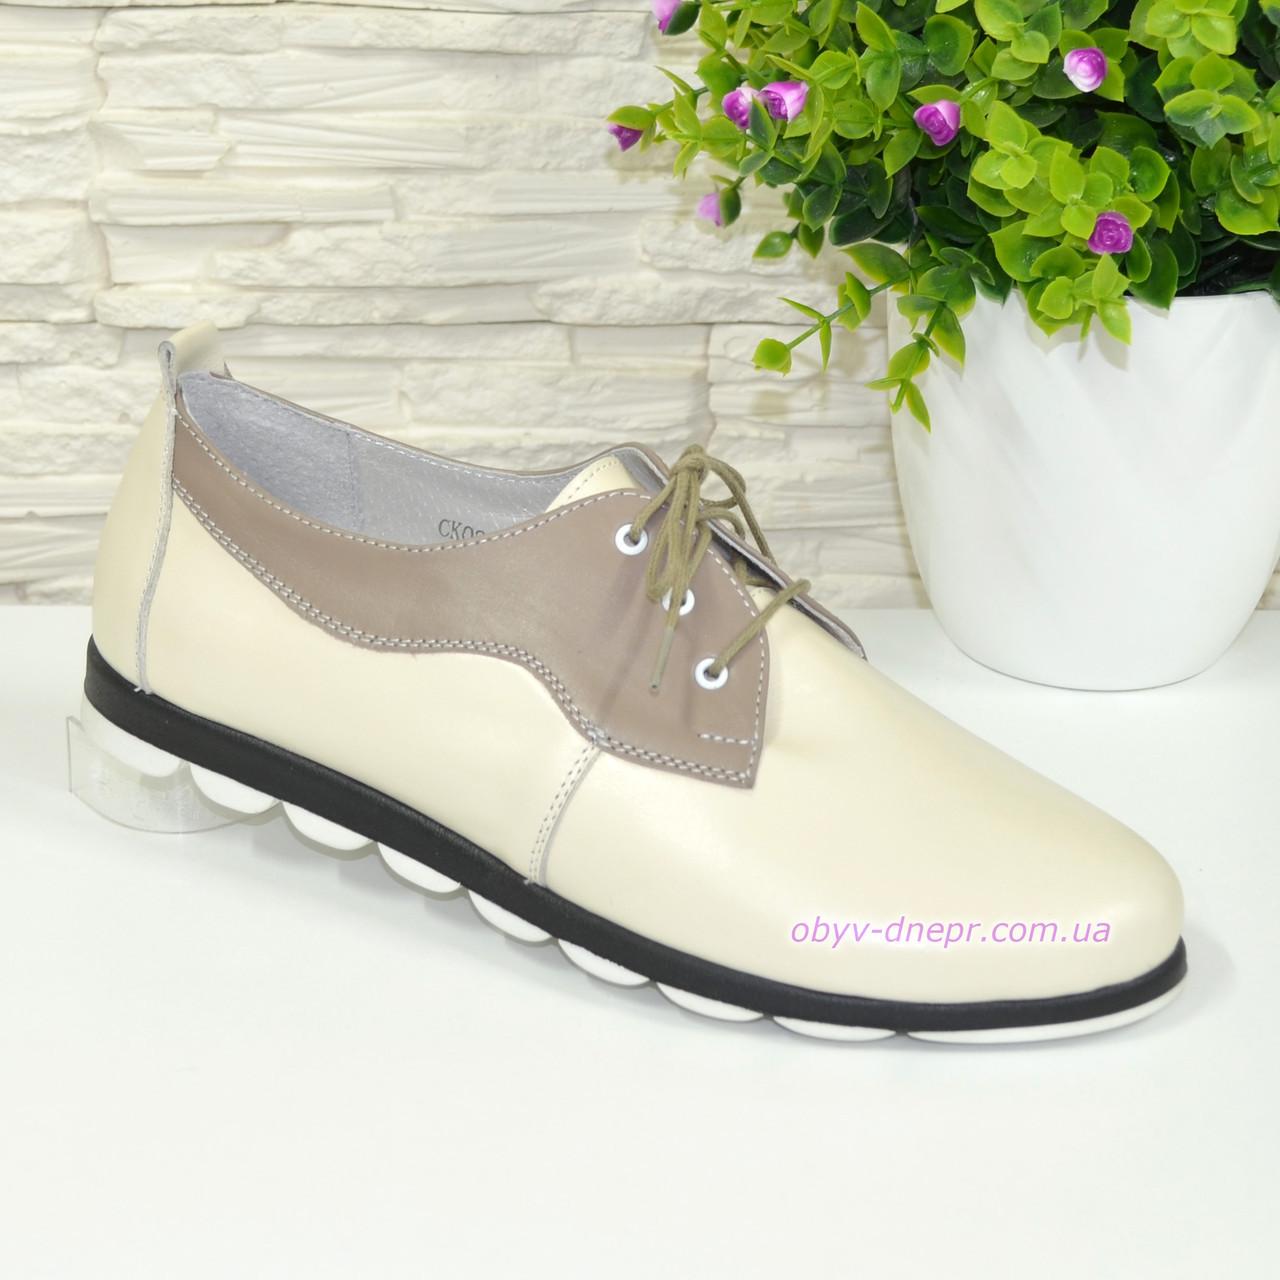 Женские кожаные туфли на шнуровке, цвет бежевый/визон